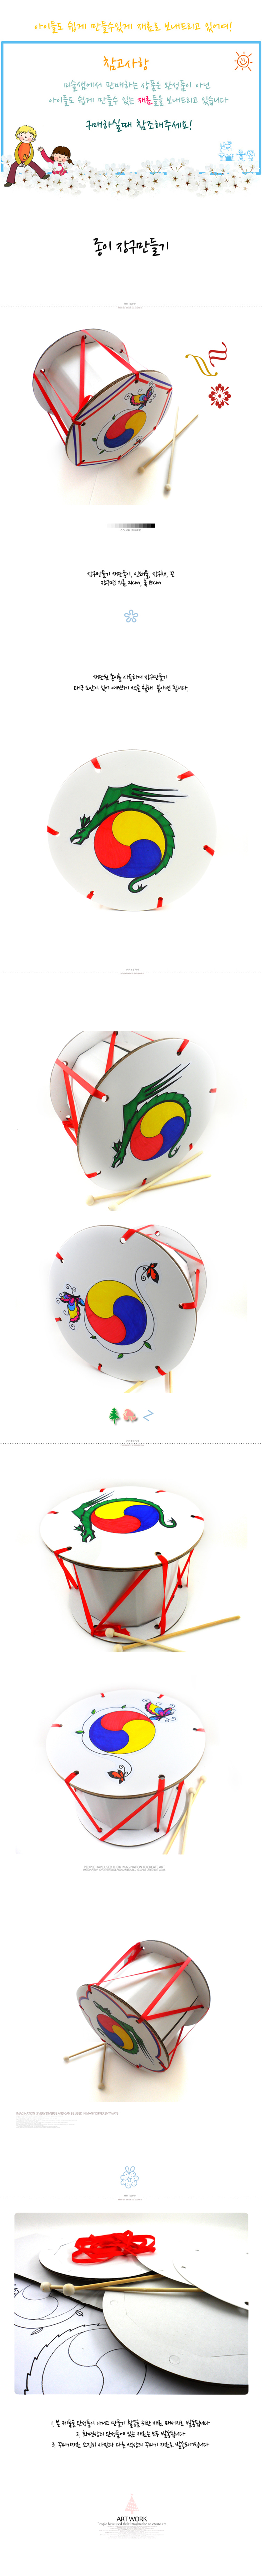 종이장구만들기 5인용 - 미술샘, 11,500원, 종이공예/북아트, 종이공예 패키지